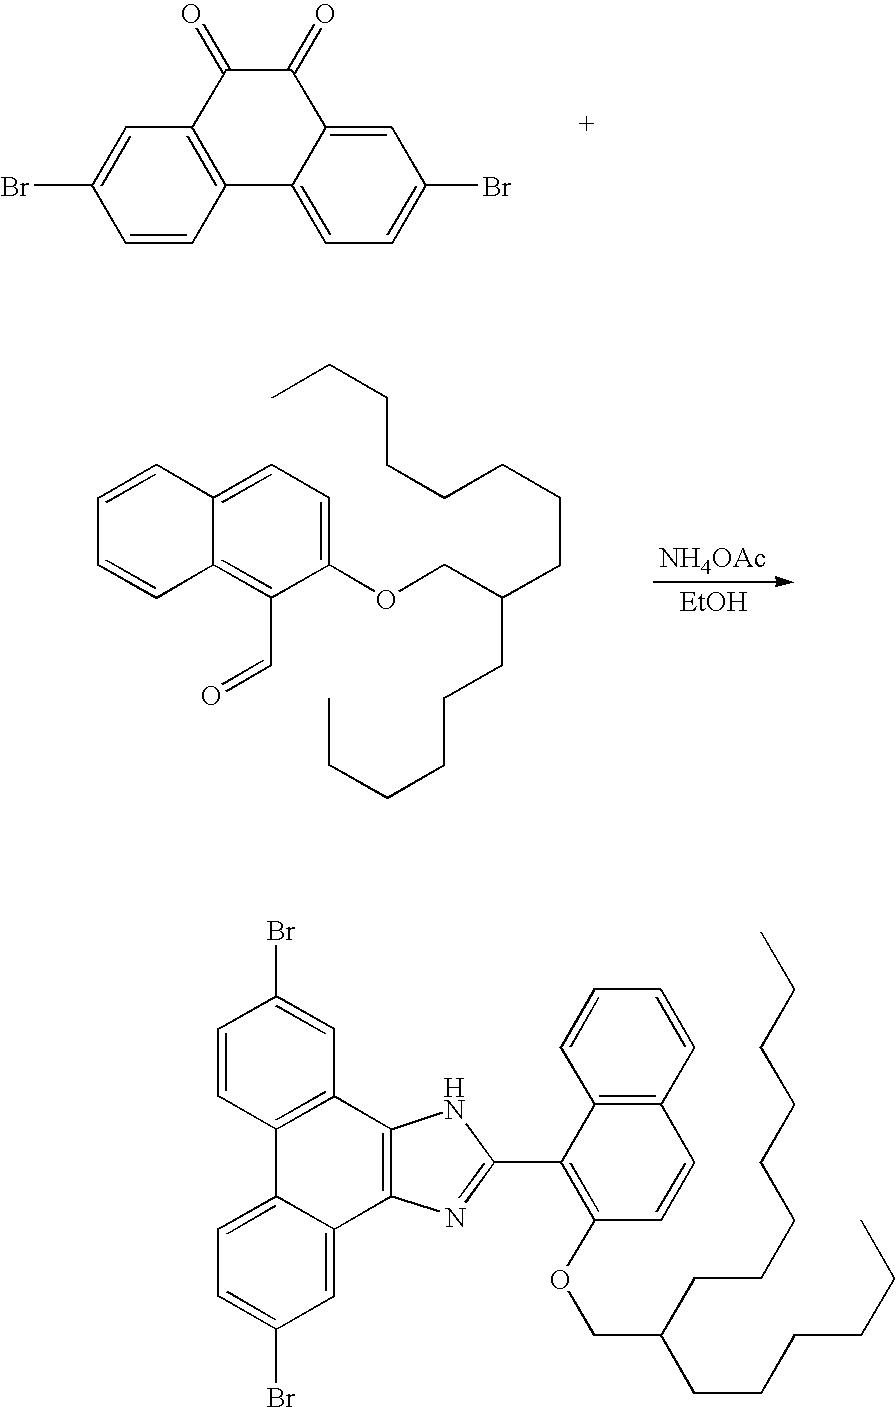 Figure US20090105447A1-20090423-C00144